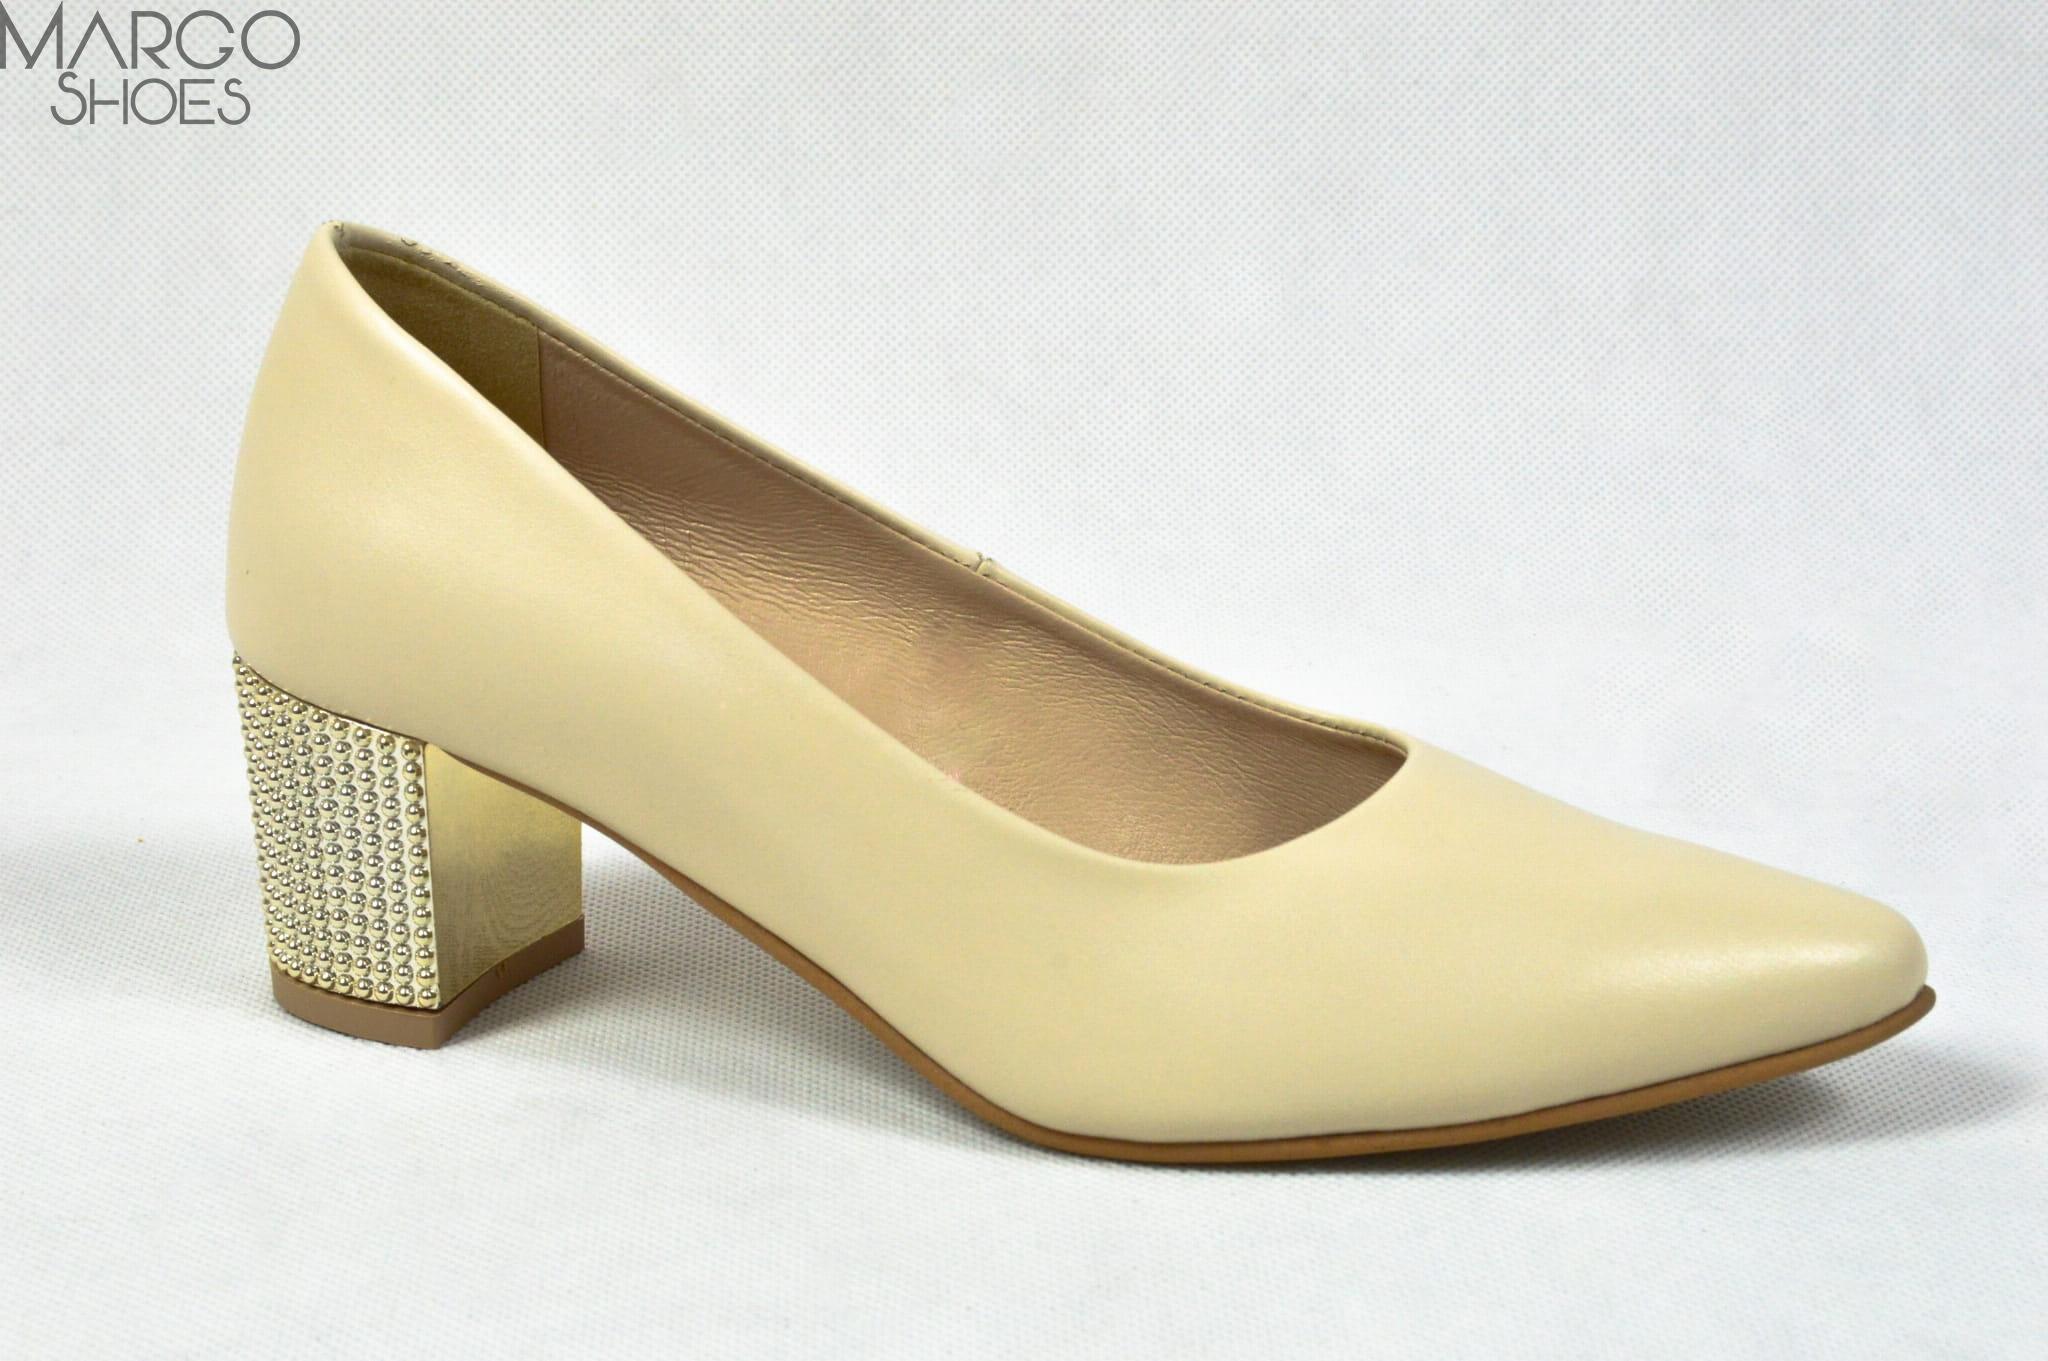 MargoShoes beżowe czółenka w szpic na niskiej szpilce z